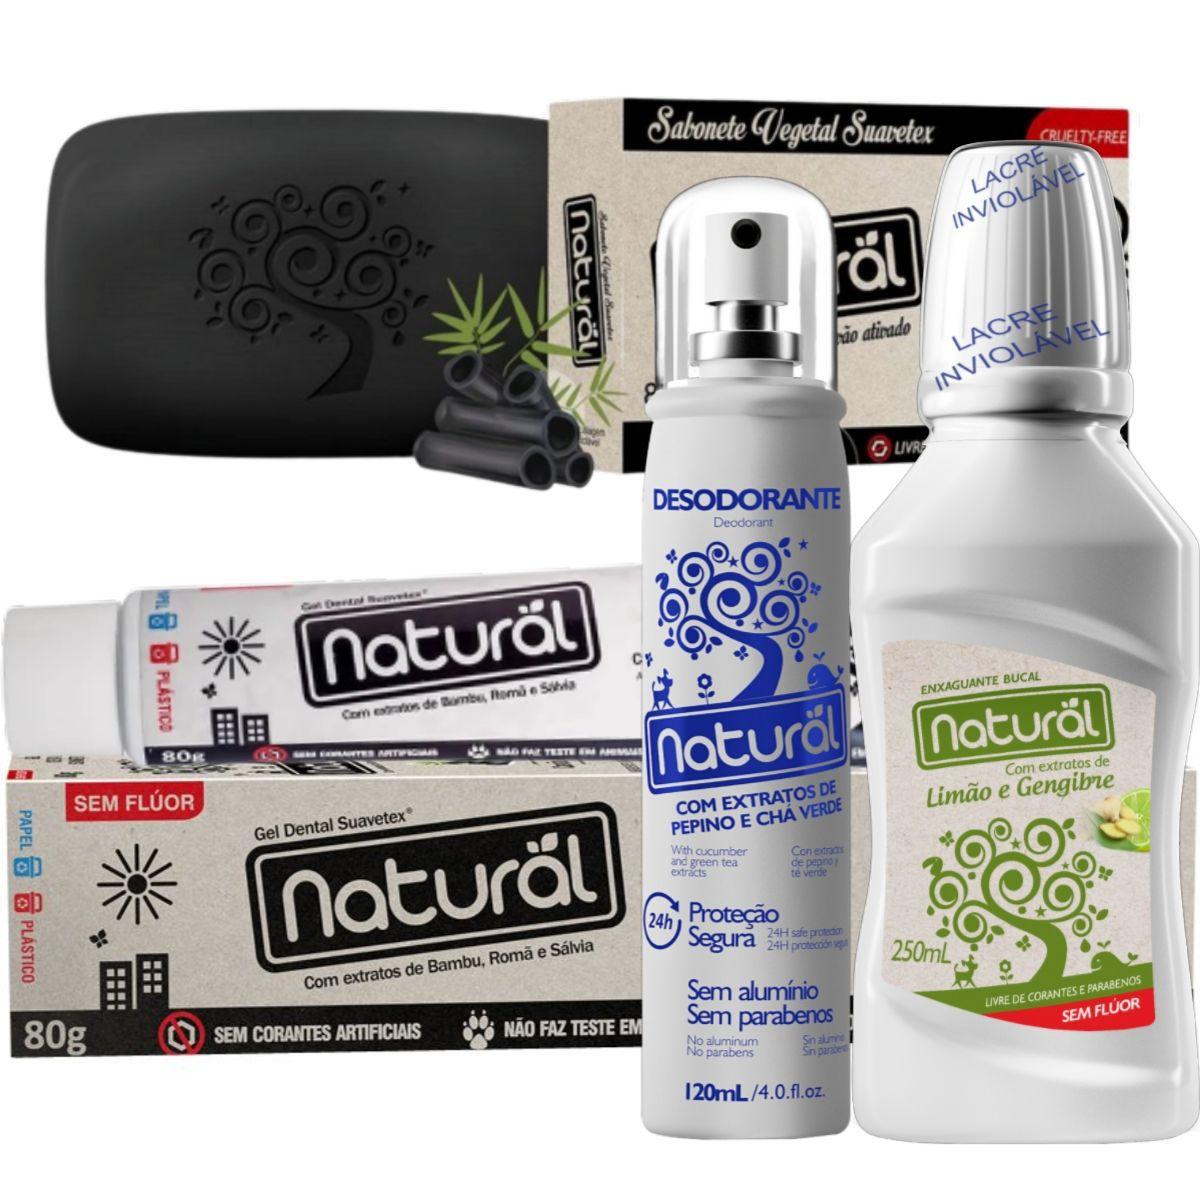 Kit Creme Dental Carvão Ativado 80g + Desodorante Spray 120ml + Enxaguante Bucal 250ml + Sabonete Carvão Ativado 80gr - Orgânico Natural